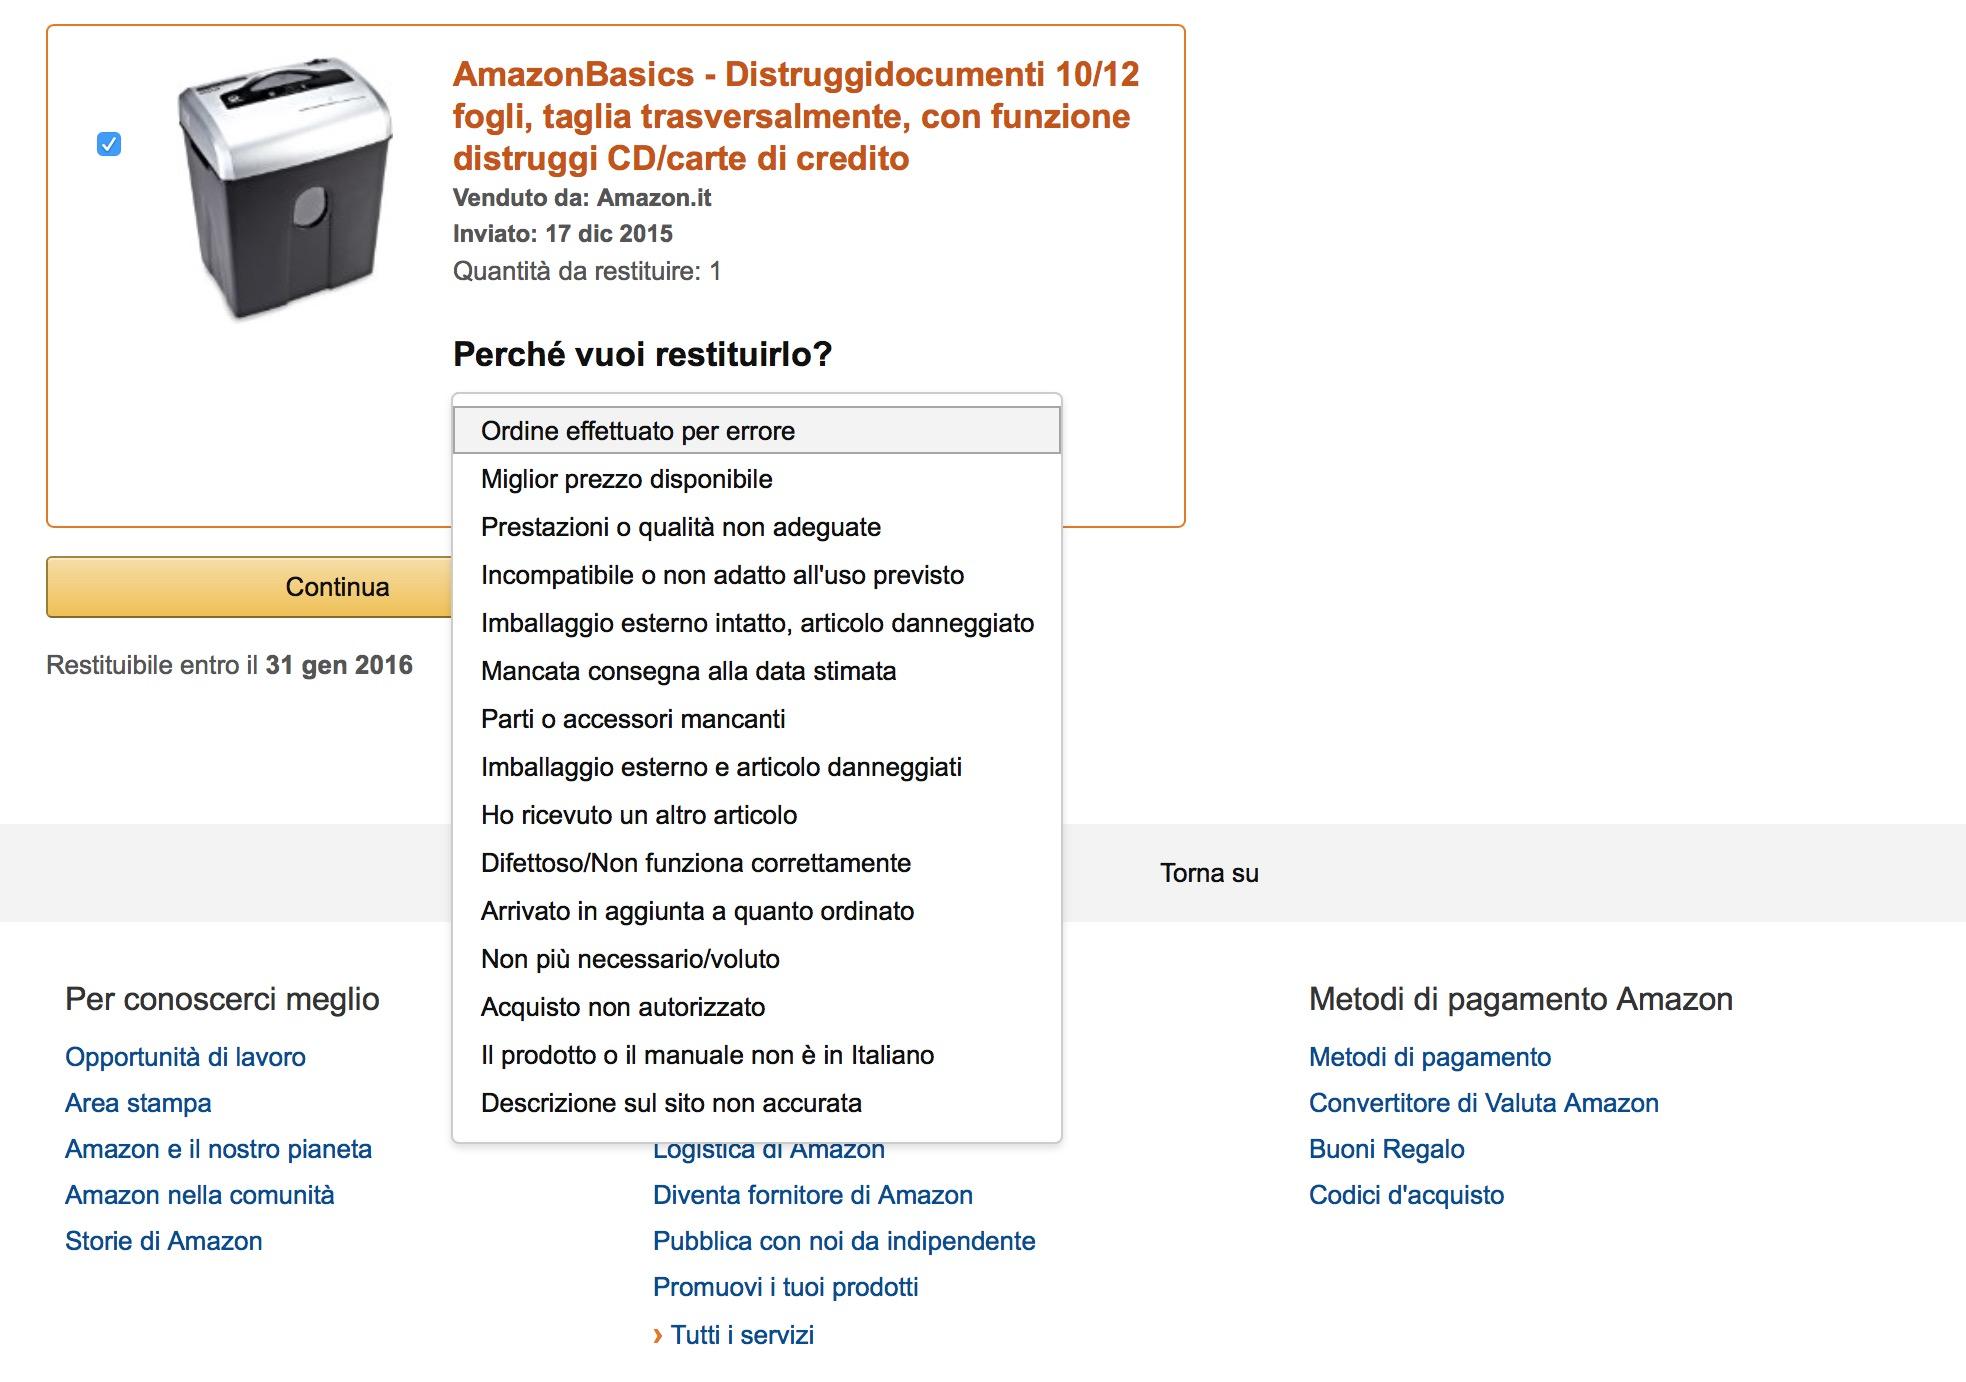 Motivo rimborso prodotto Amazon